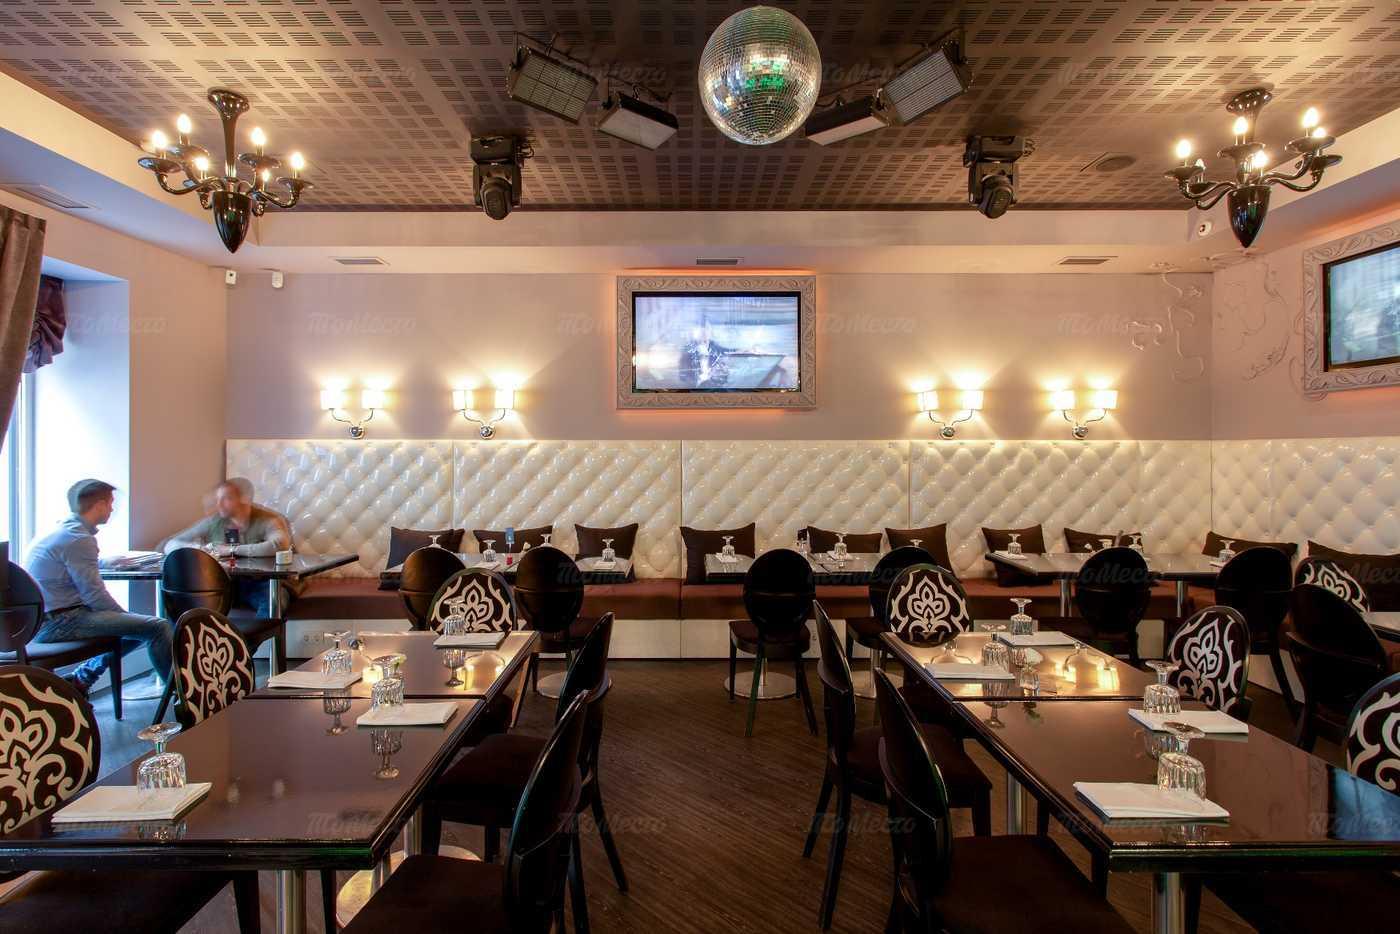 Меню бара, кафе La Cava cafe & bar (Ла Кава) на Казанской улице